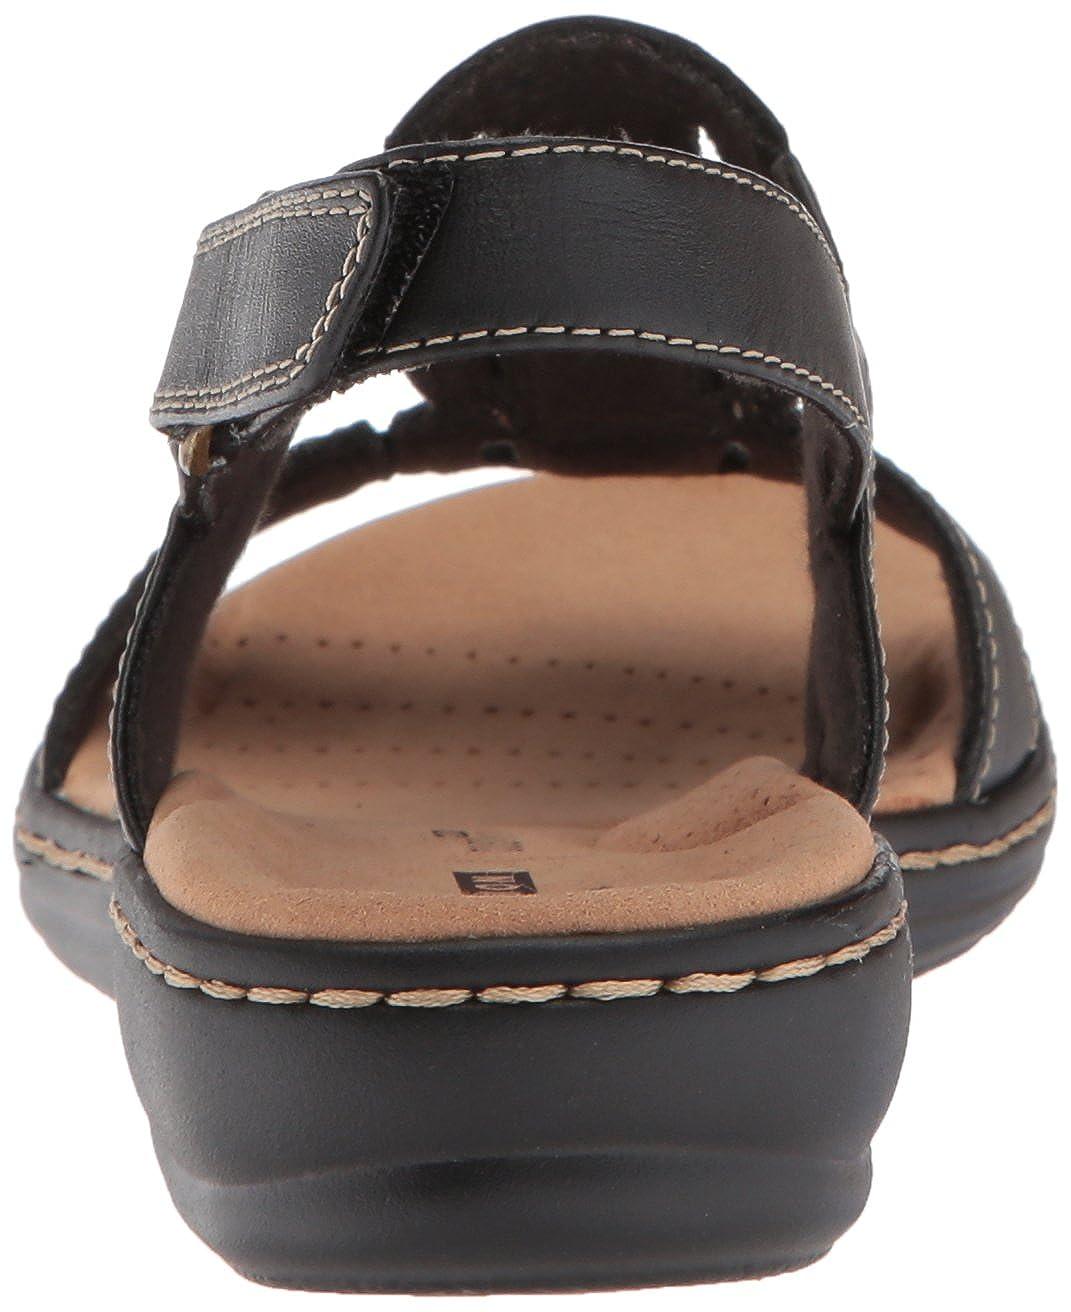 Clarks Women's Women's Clarks Leisa Vine Sandals B072R6V97P Wedge f4638f